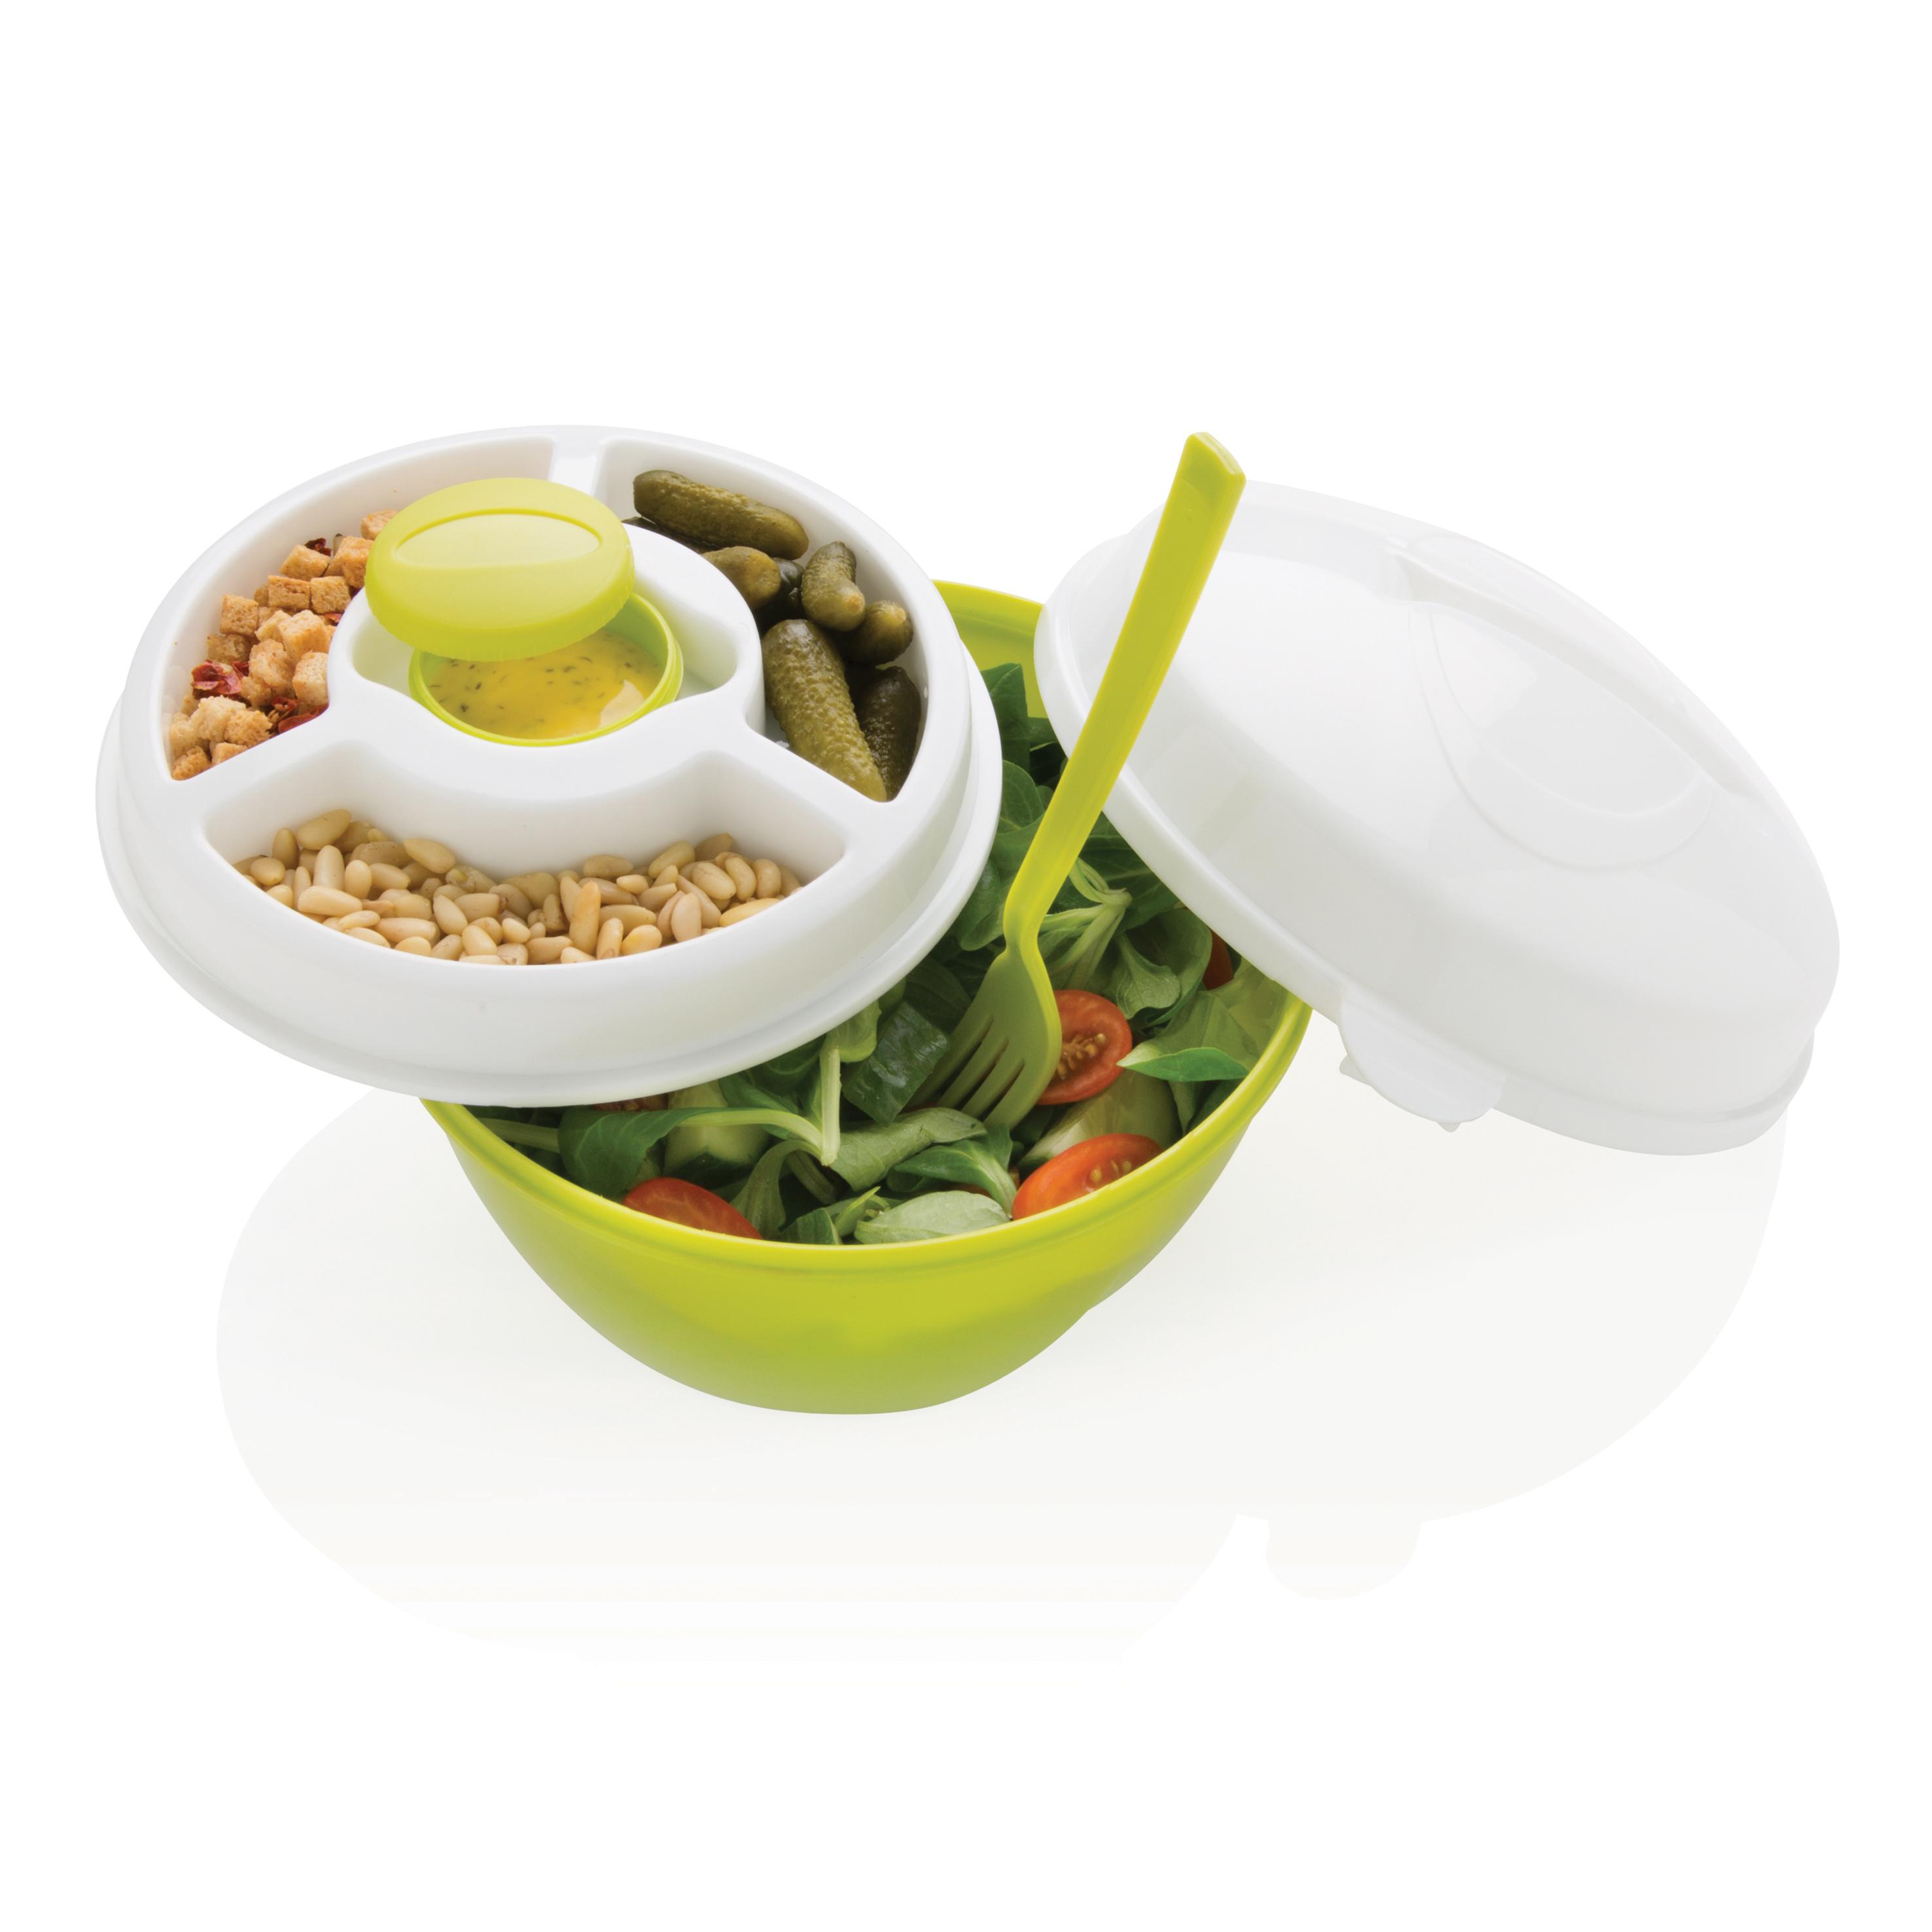 Boite pour salade - 9-1515-4